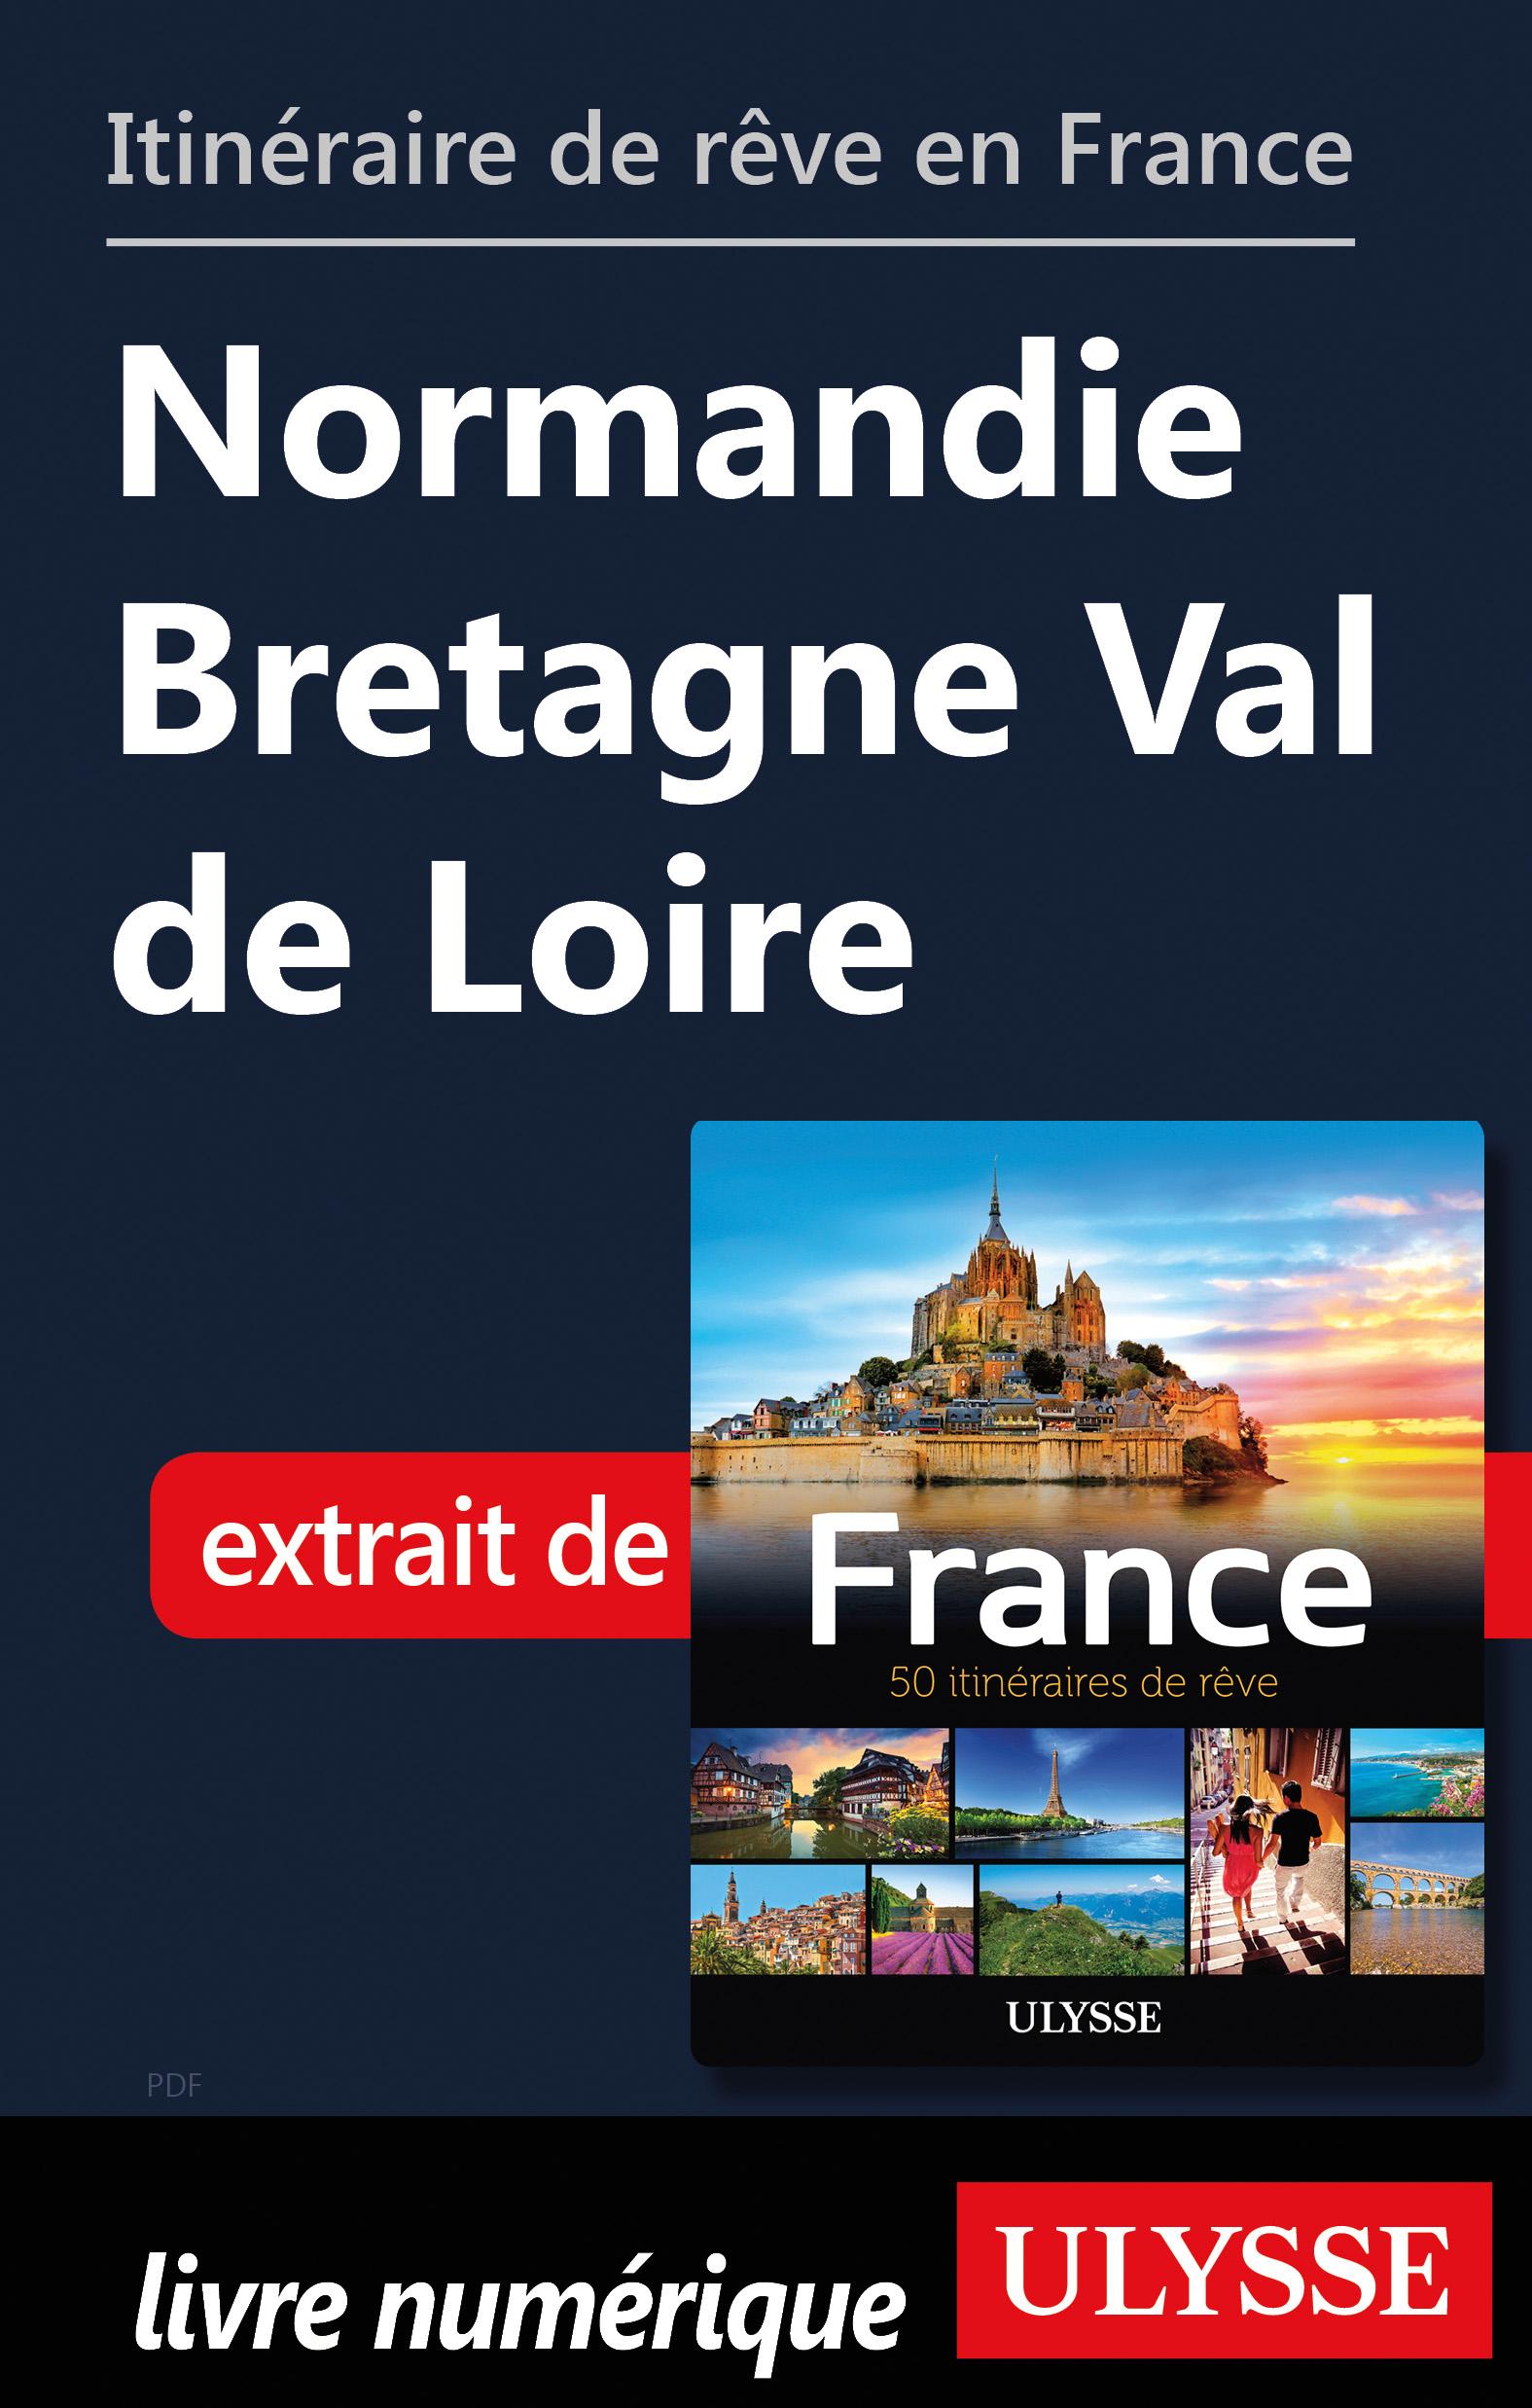 Itinéraire de rêve en France Normandie Bretagne Val de Loire